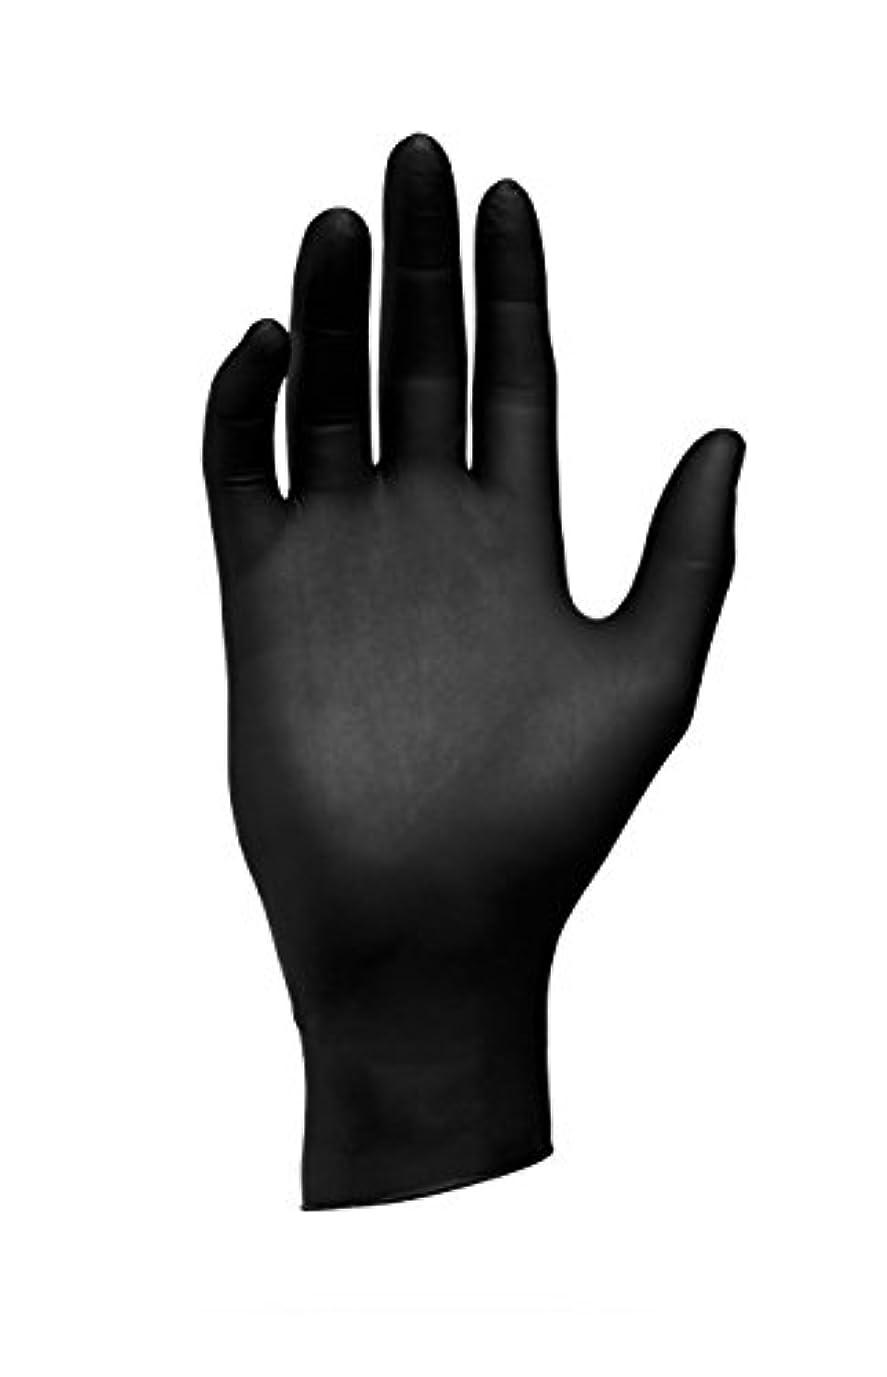 違法コントローラ魅力的であることへのアピールエバーメイト センパーガード ニトリルブラックグローブ ブラック L(8.0?8.5インチ)甲幅10cm 100枚入